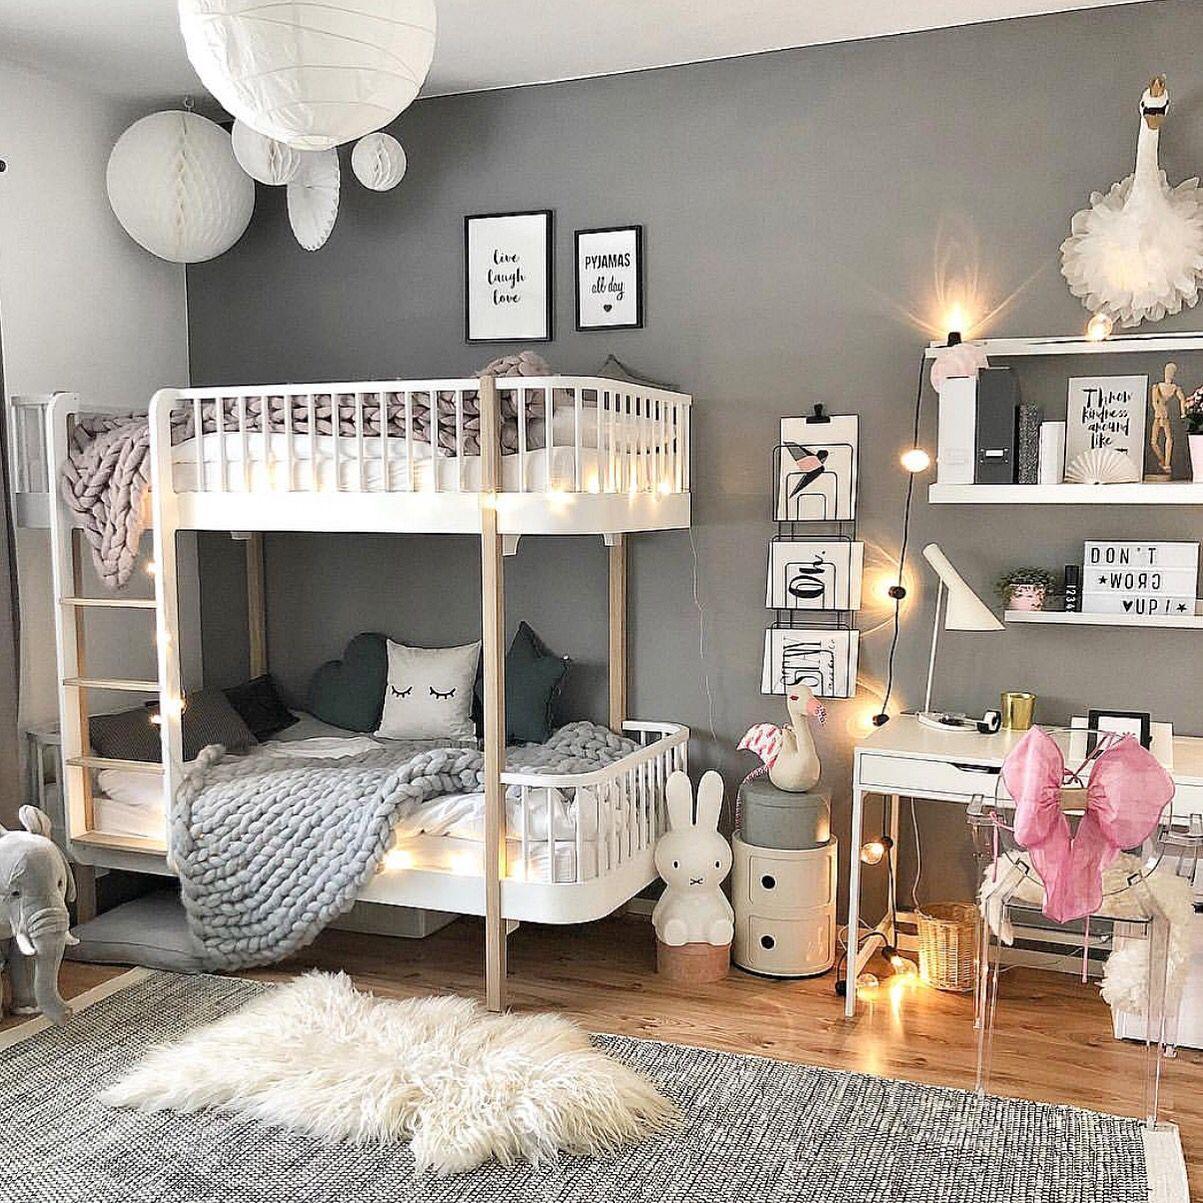 Full Size of Kinderzimmer Etagenbett Schreibtisch Grau Weiss Regal Weiß Sofa Regale Kinderzimmer Einrichtung Kinderzimmer